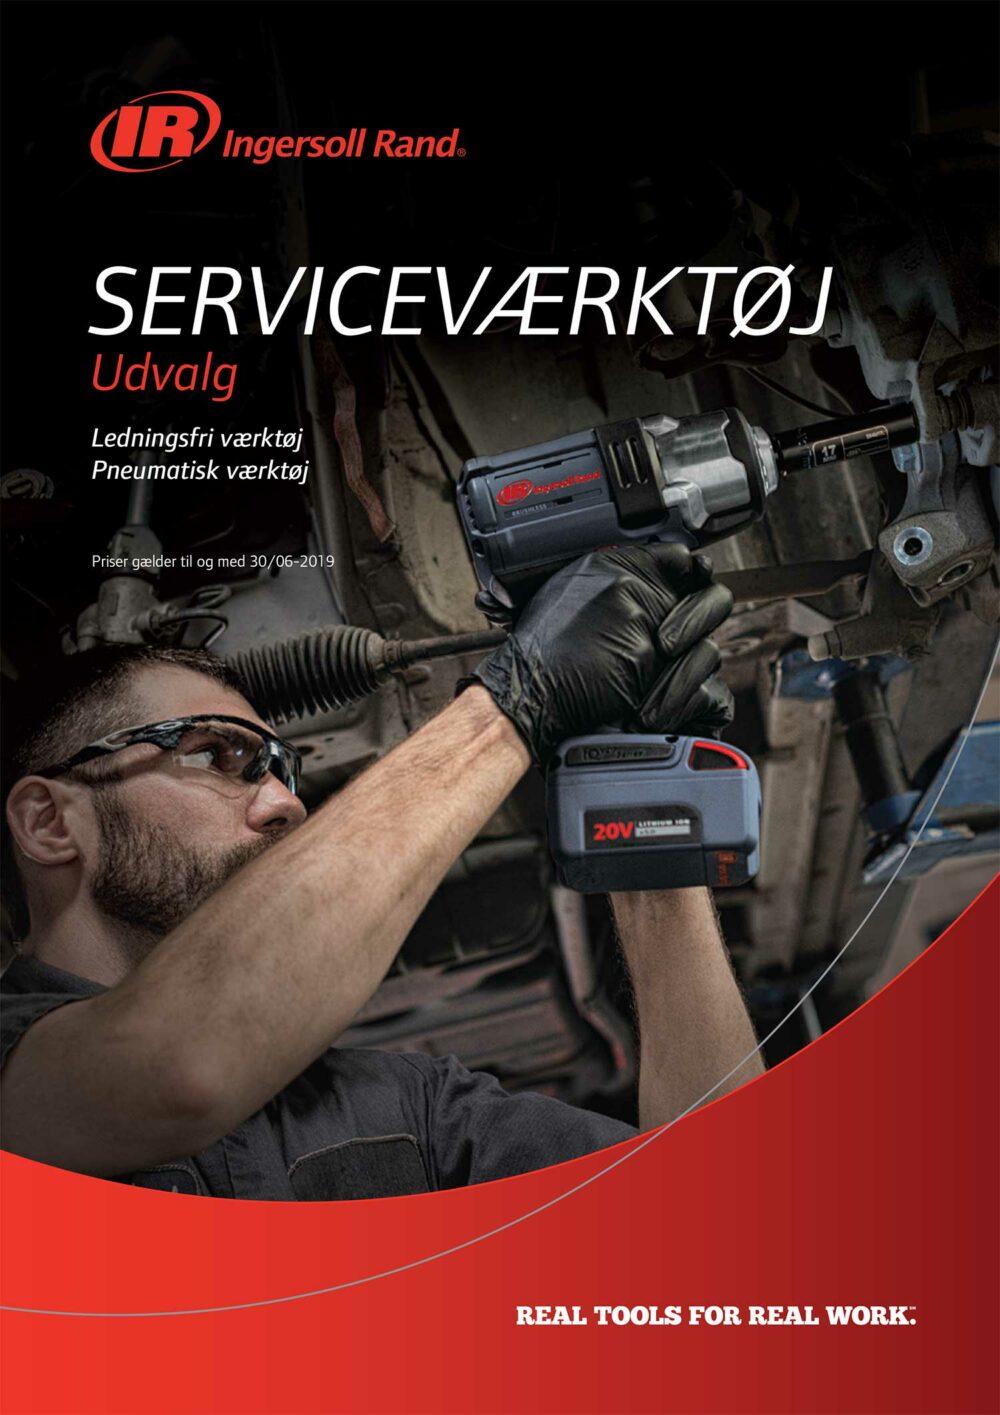 Ingersoll-Rand-Serviceværktøj-1